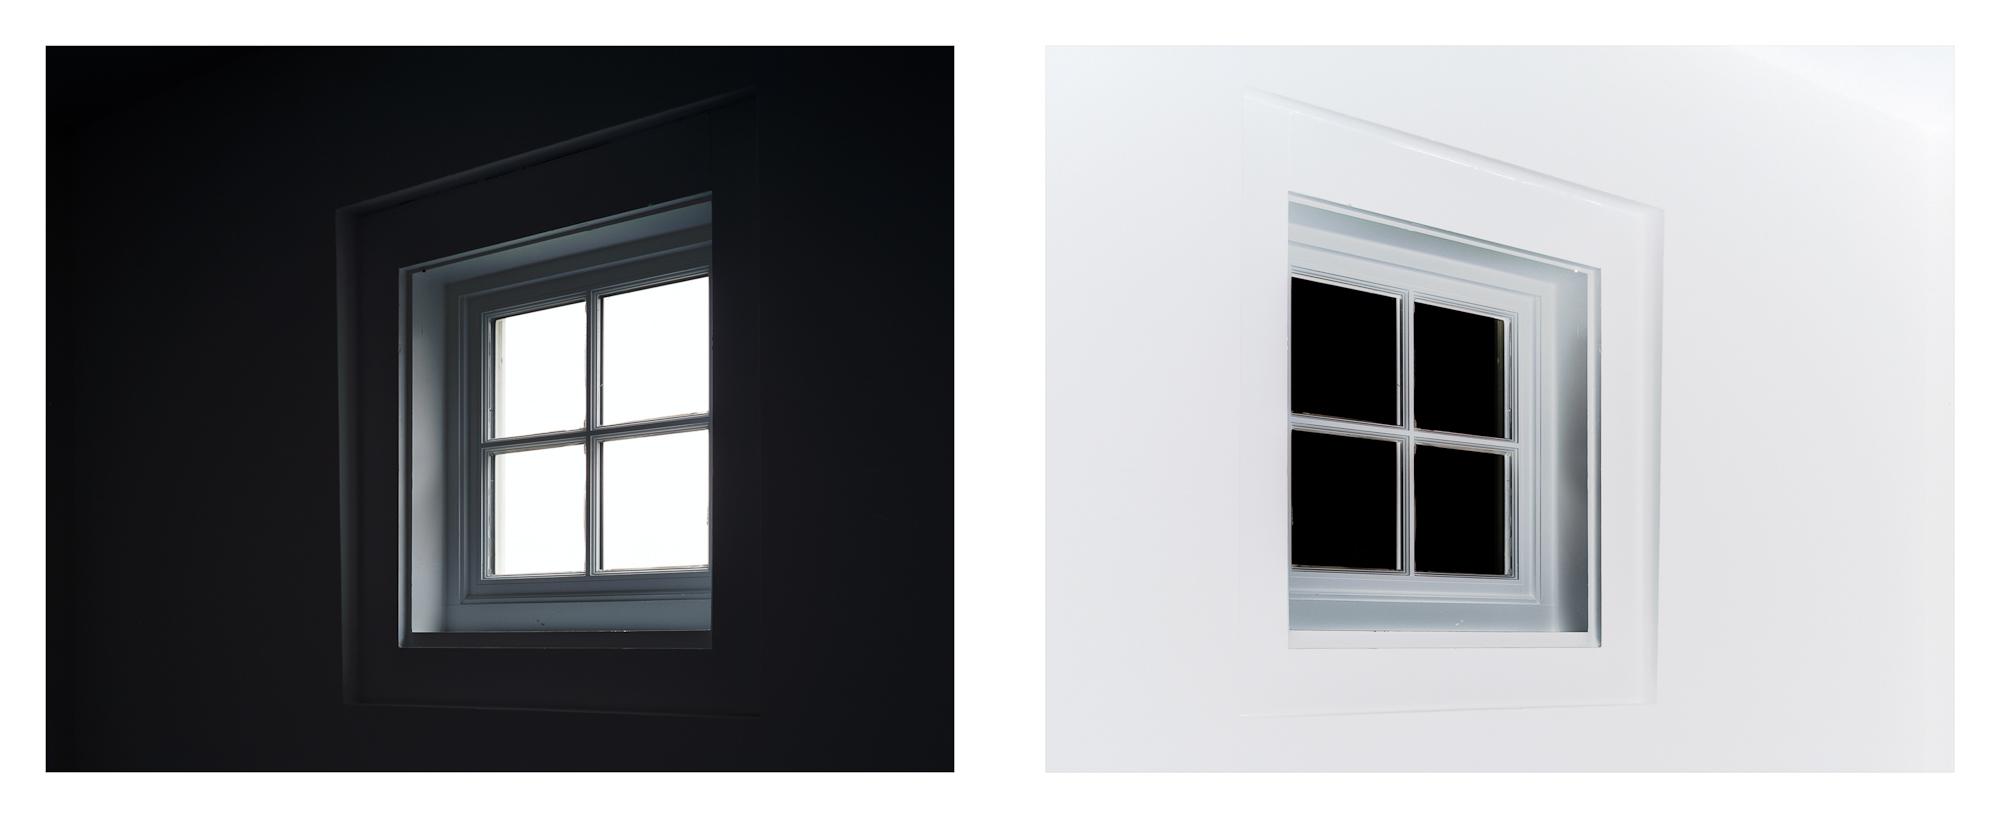 Window (positive & negative)